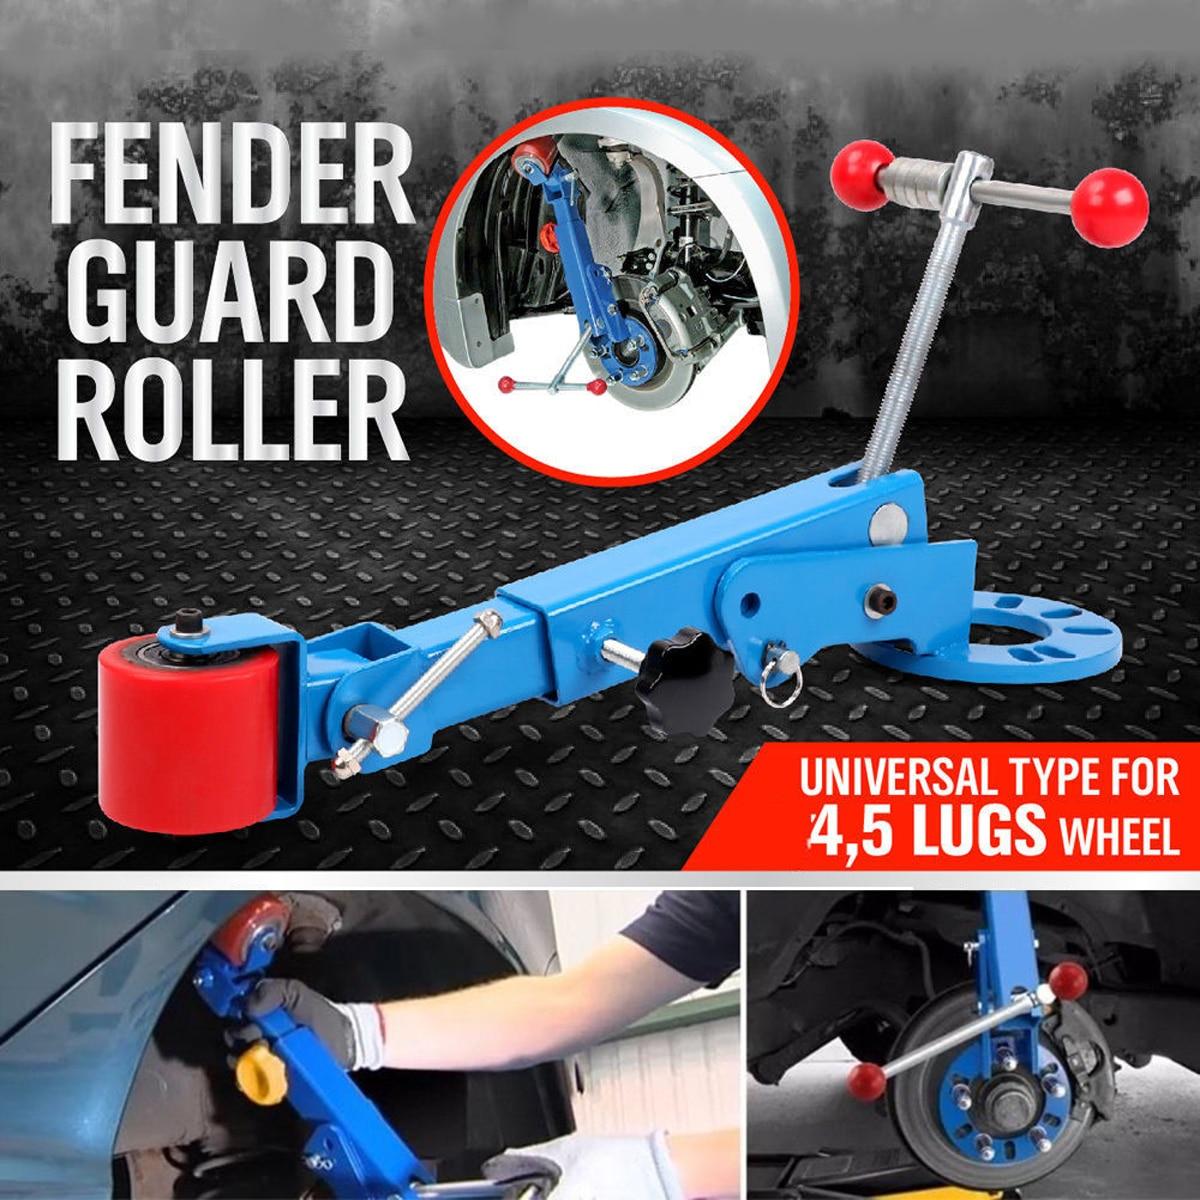 Rouleau pour Fender Réforme S'étendant Outil Passage de Roue Rouleau Torchage Ancien Lourds Bois Machines Pièces